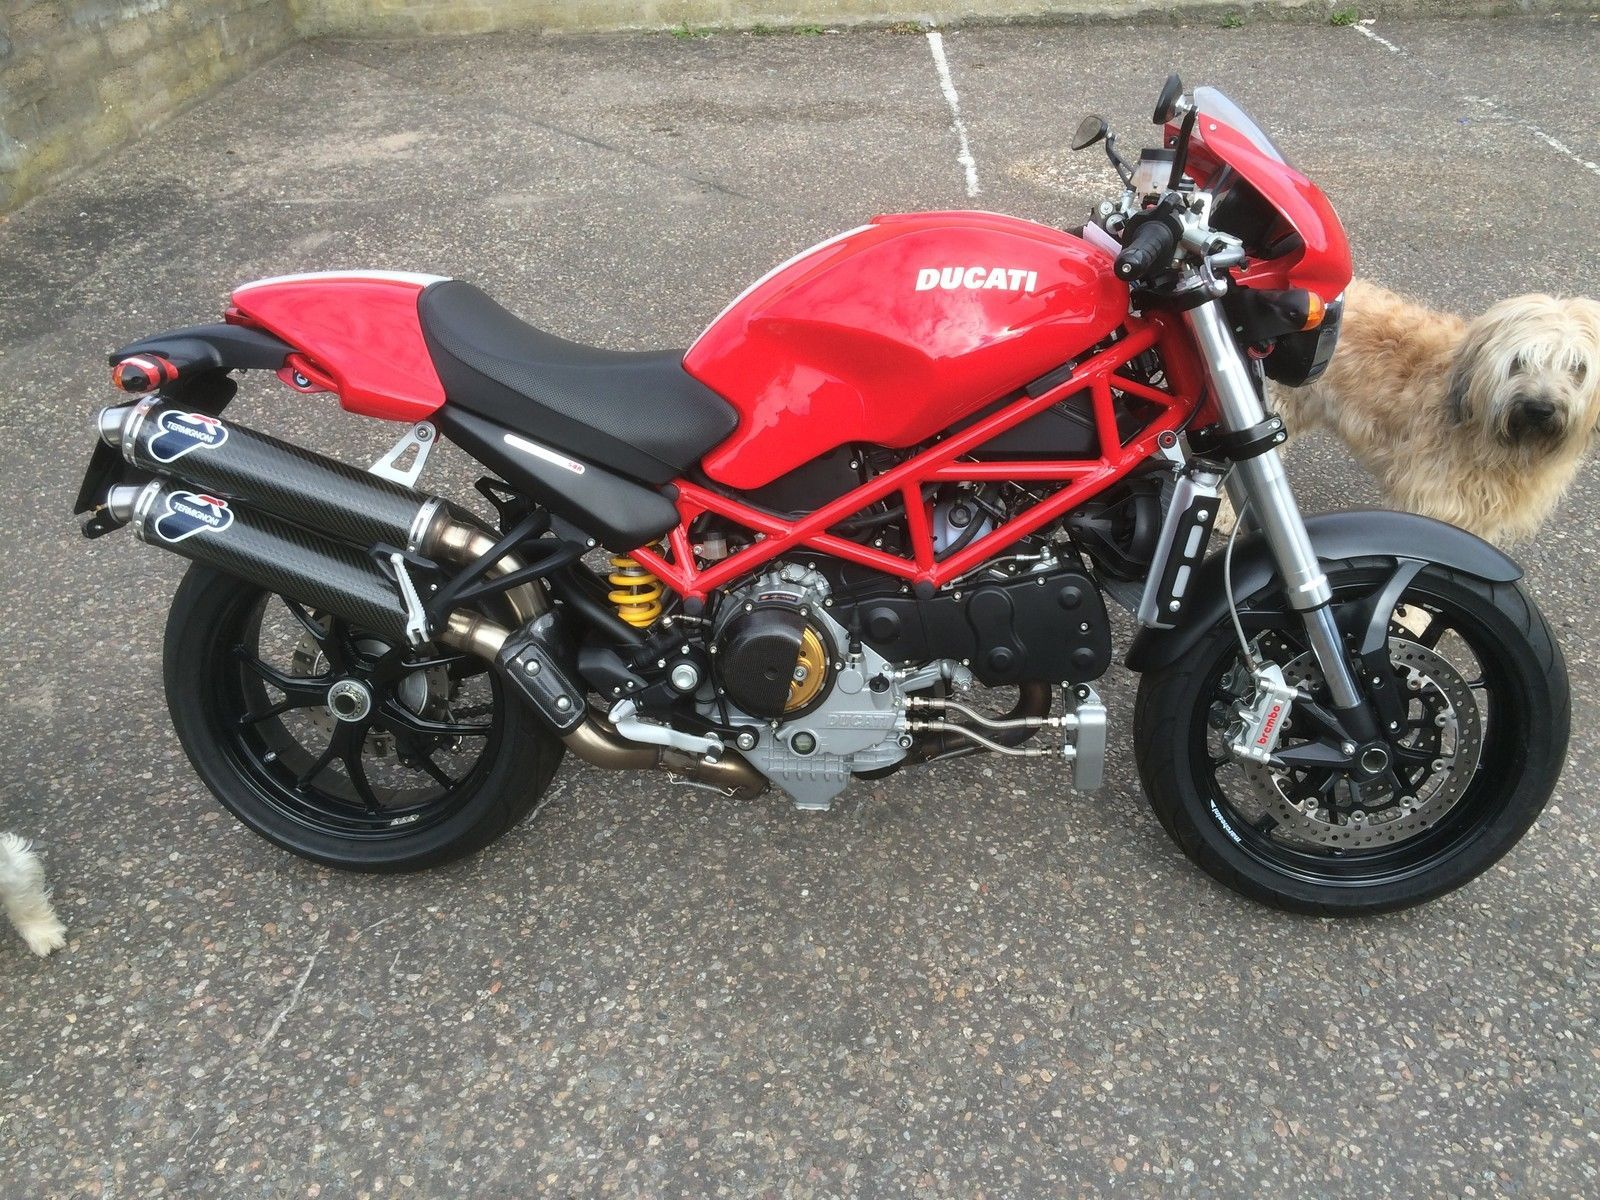 DUCATI MONSTER S4R | eBay | bikes | Pinterest | Ducati monster s4r